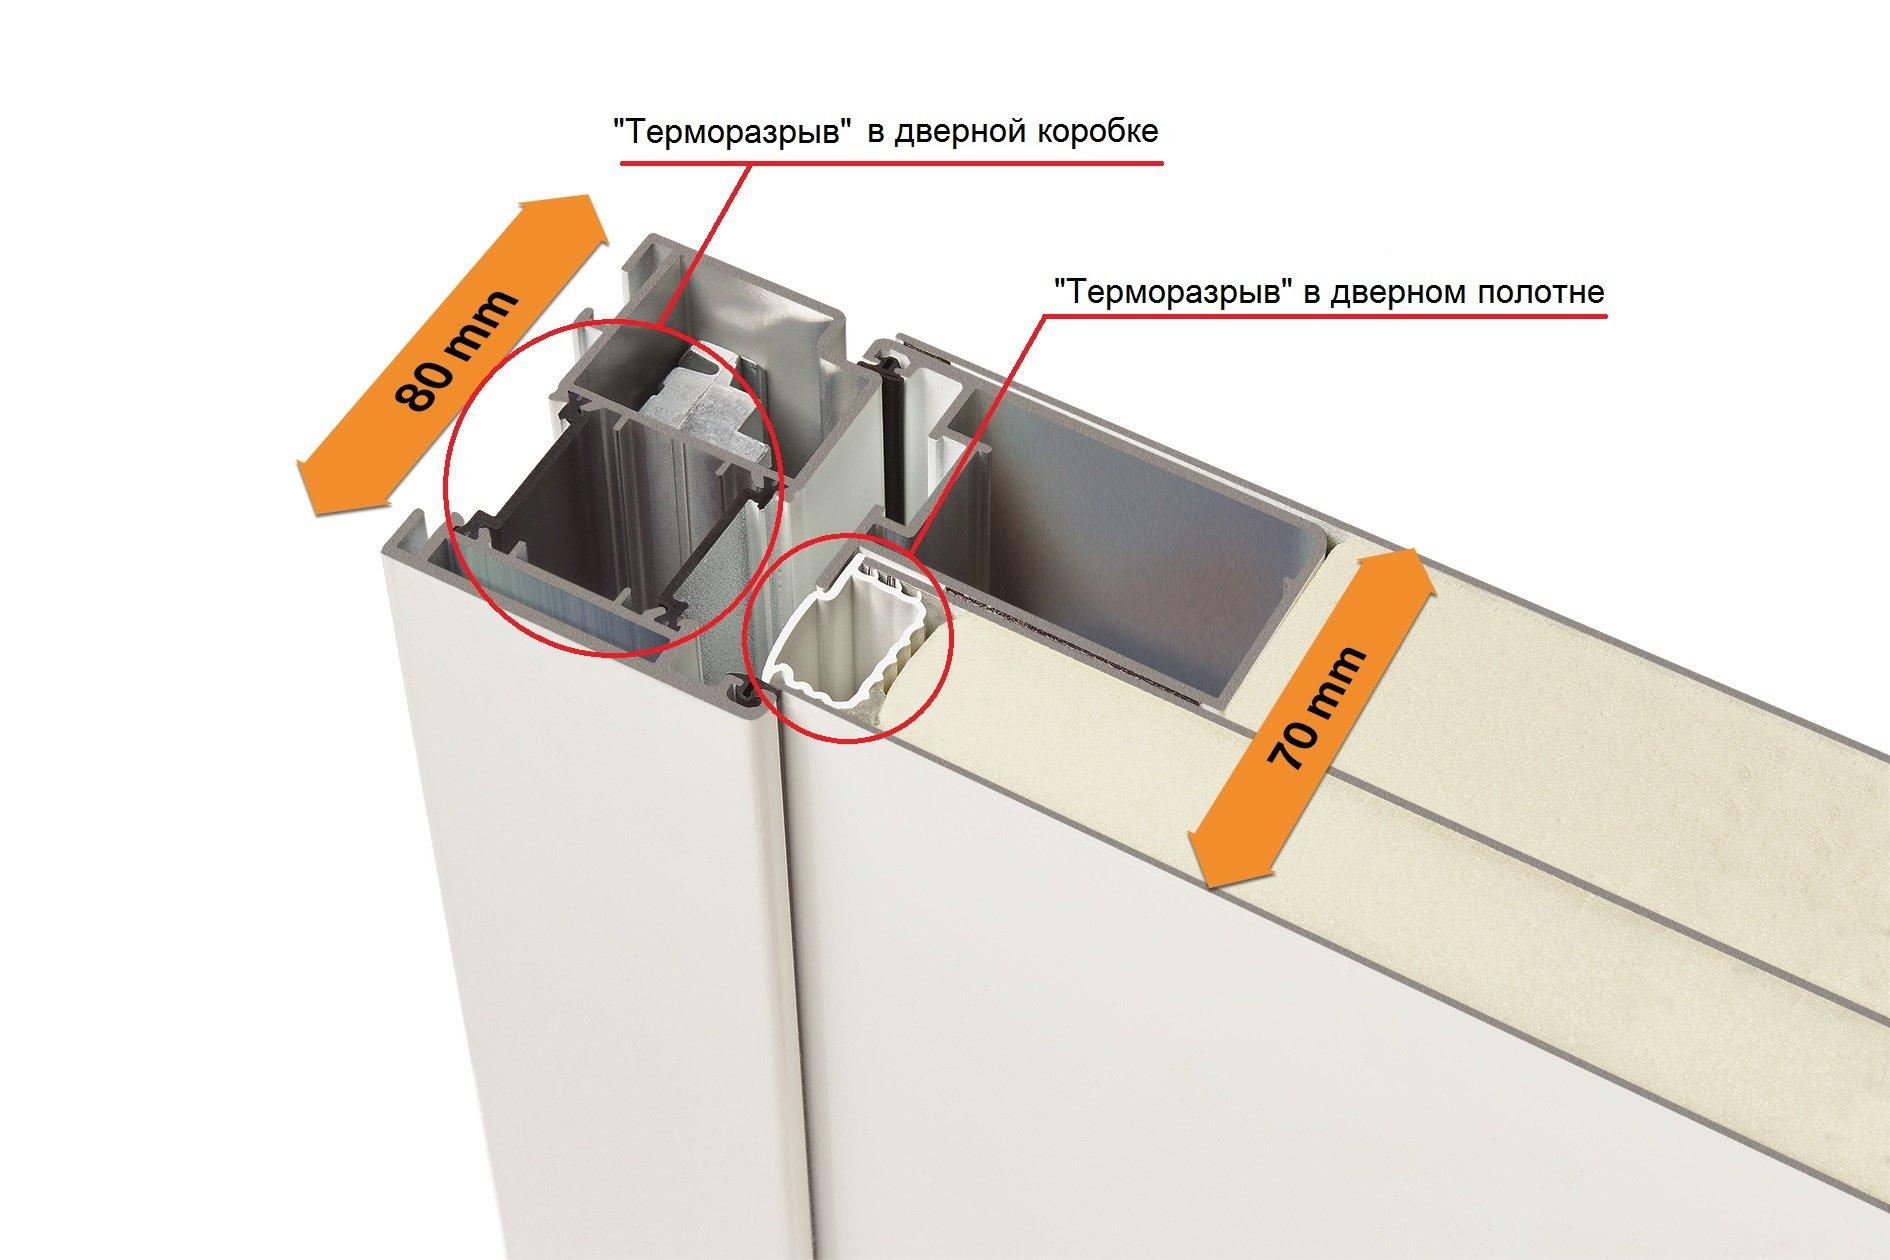 Теплоизоляция двери